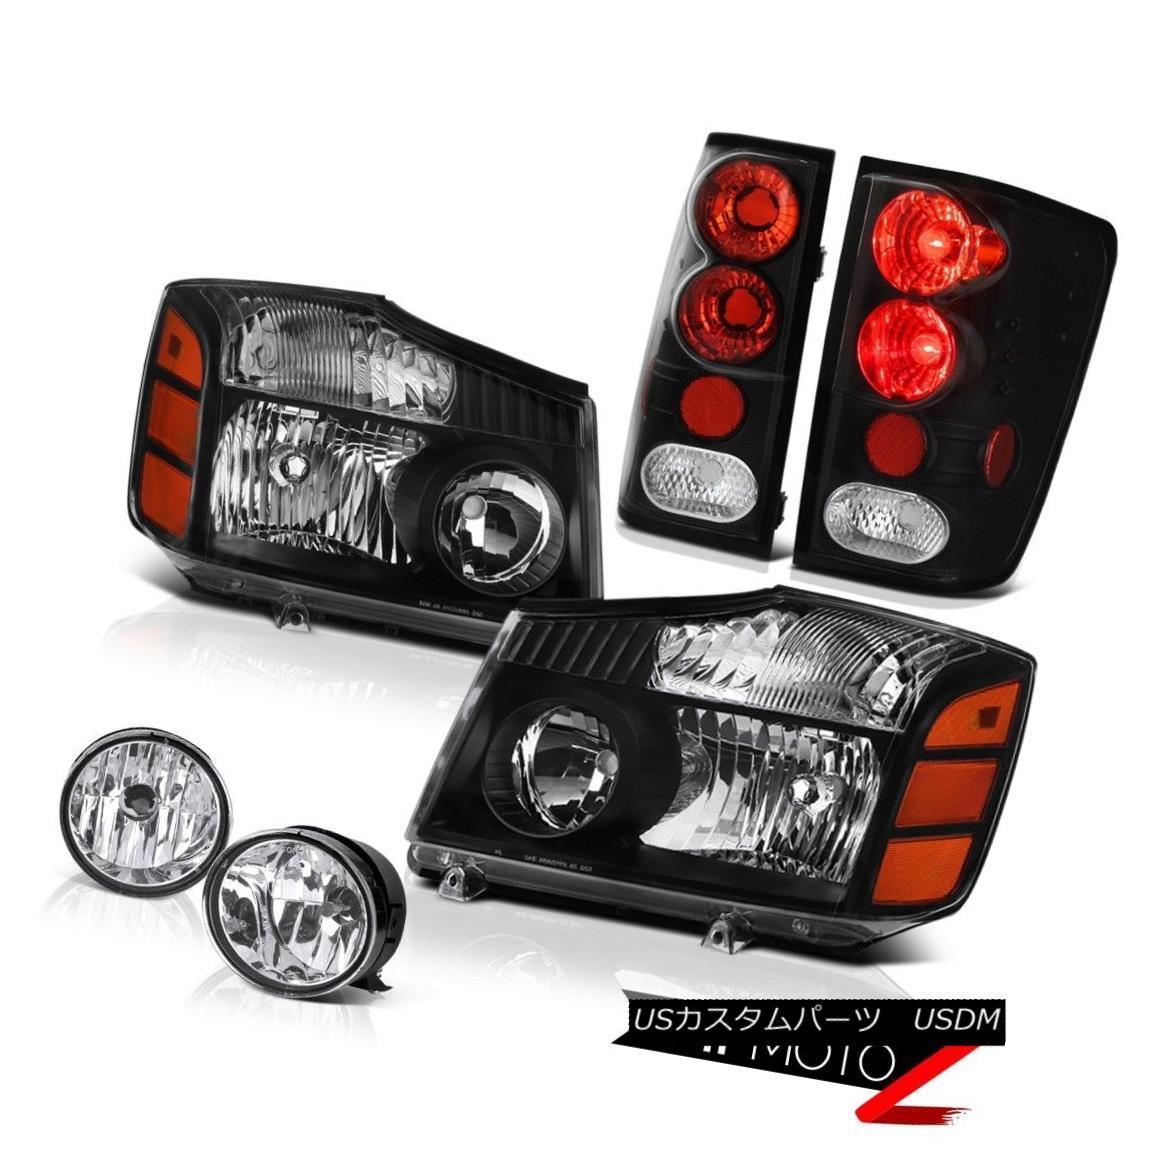 ヘッドライト For 2004-2015 09 10 Titan 4X4 Pair Black Headlight Tail Brake Lights Chrome Fog 2004?2015年09 10 Titan 4X4ペアブラックヘッドライトテールブレーキライトクロムフォグ